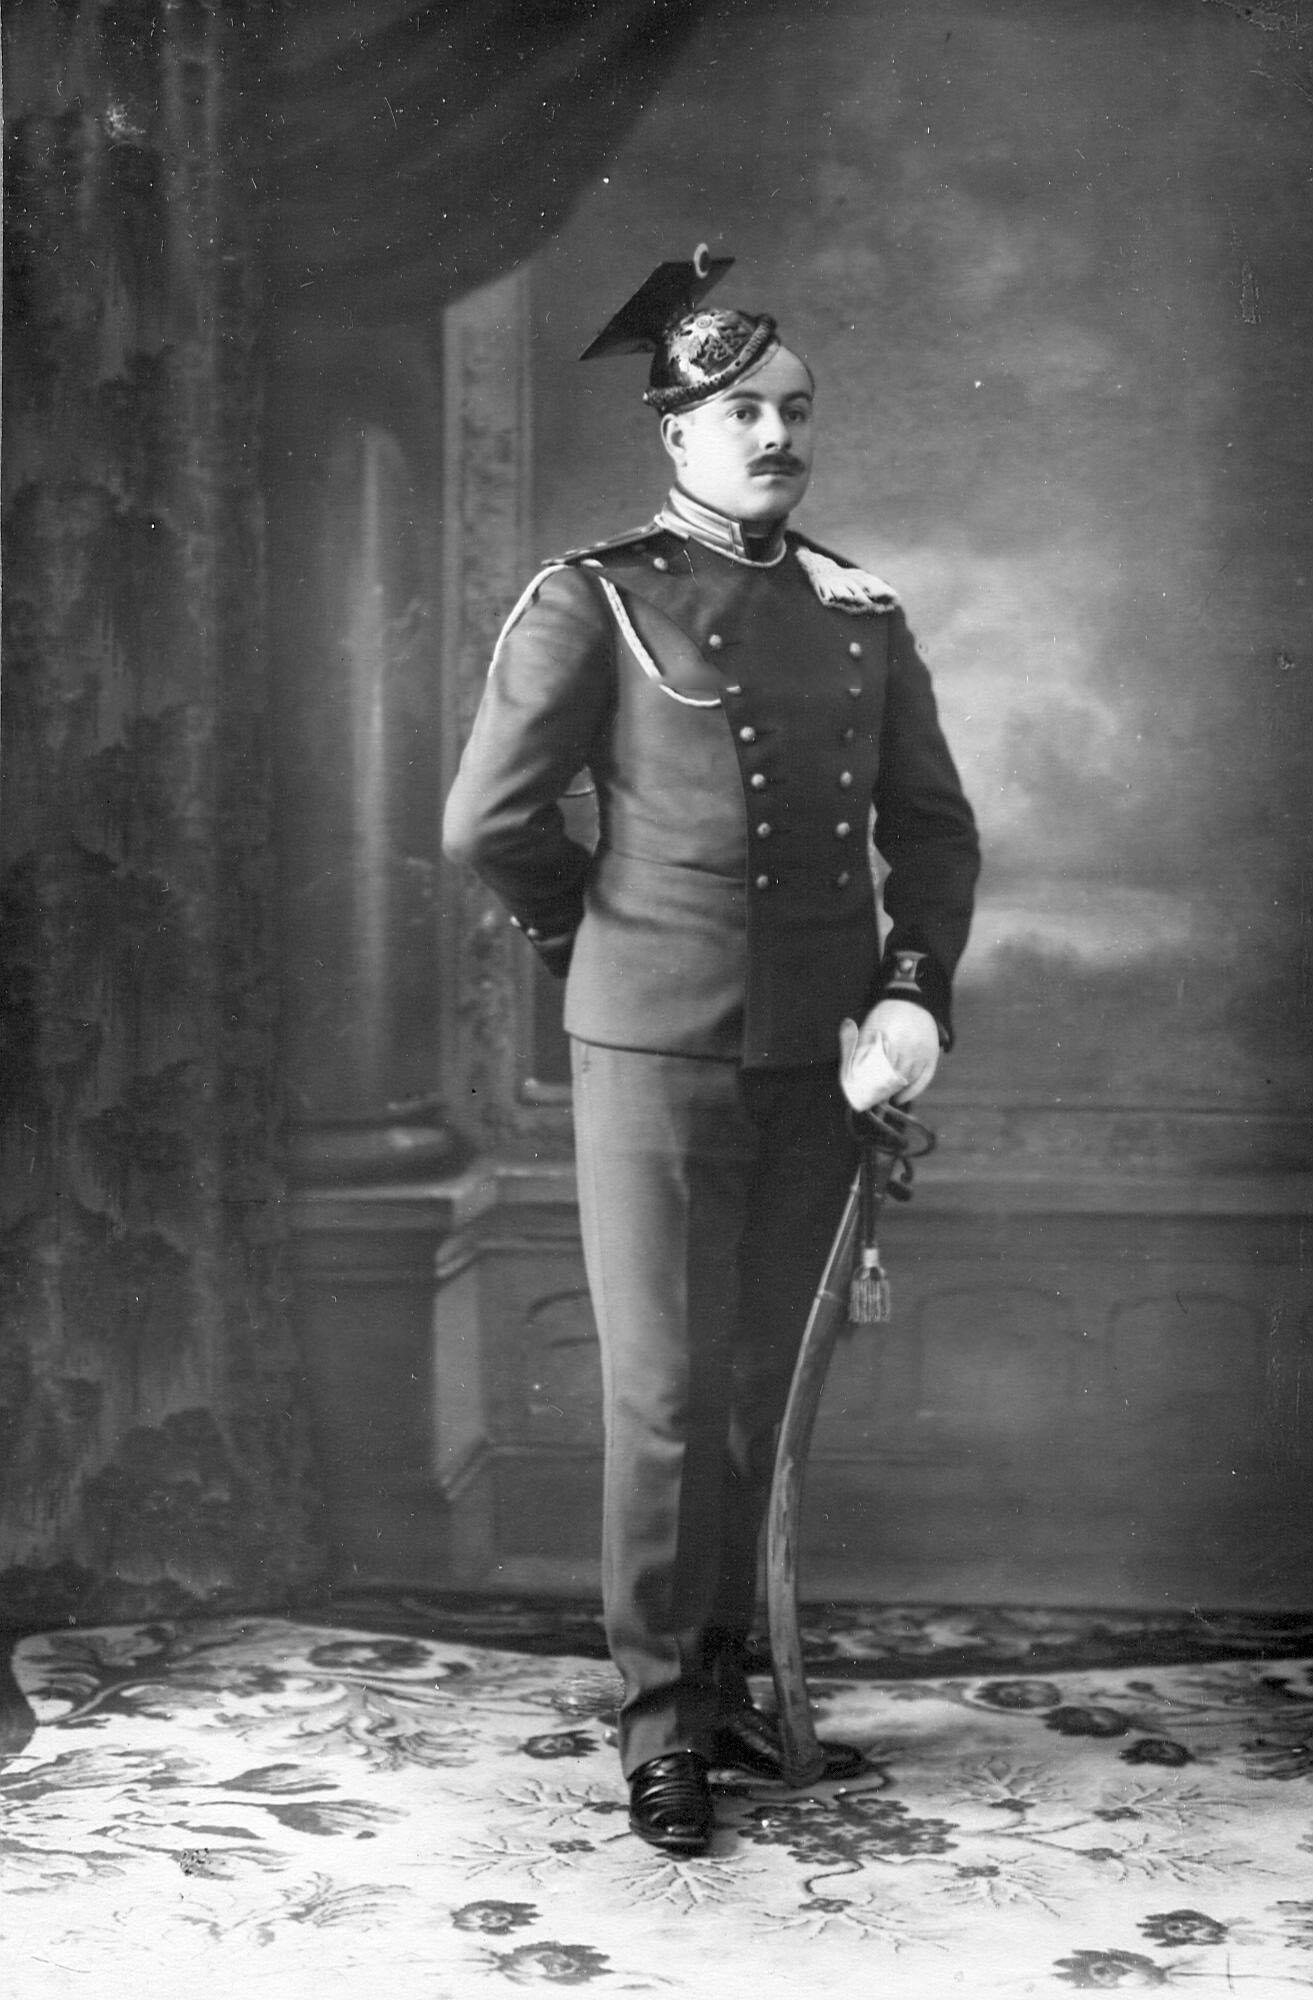 Поручик Уланского Её Величества лейб-гвардии полка в повседневной нестроевой форме